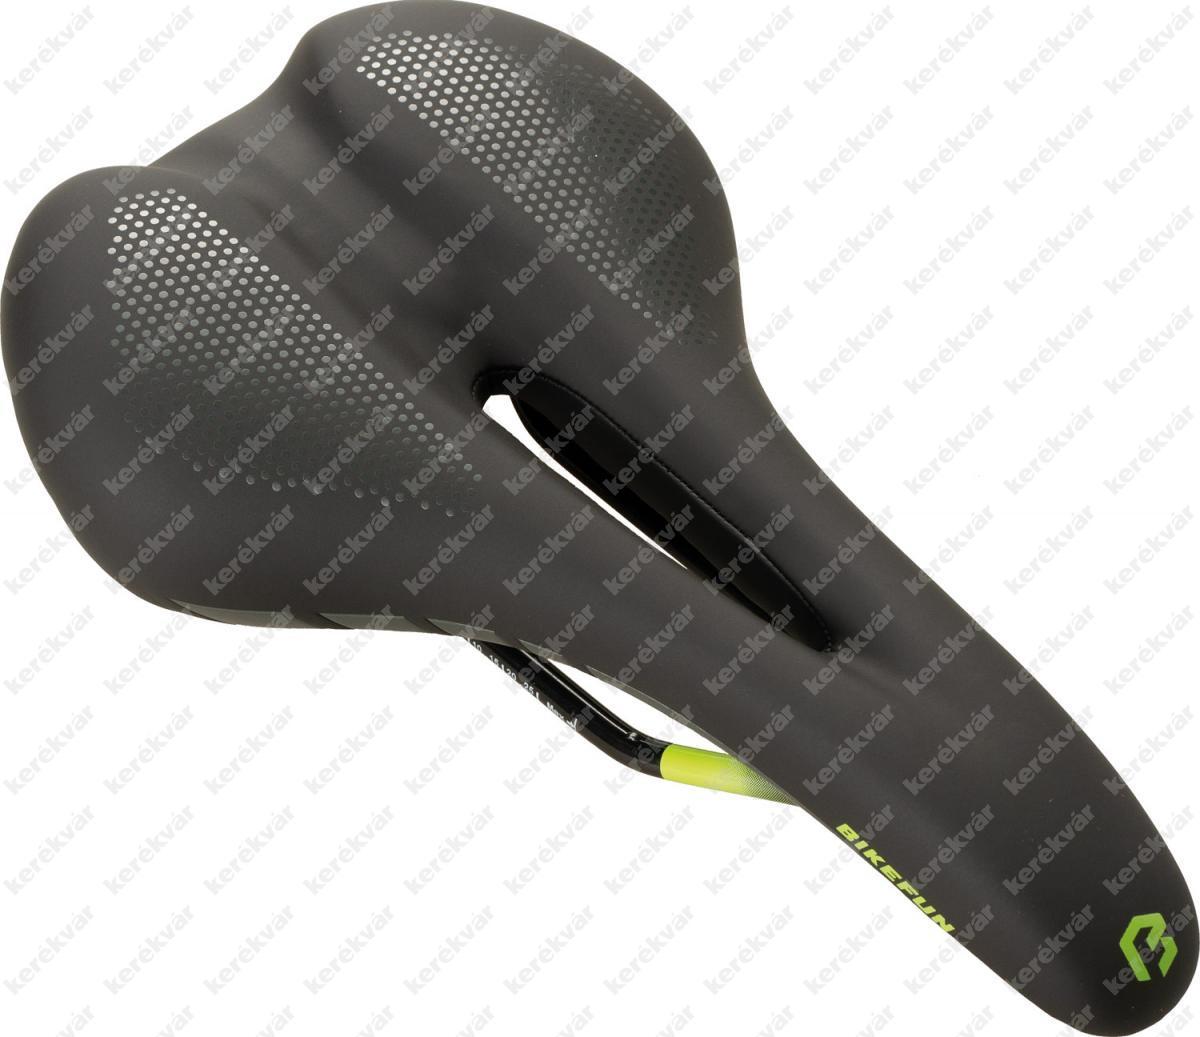 Bikefun Cortina nyereg fekete/zöld